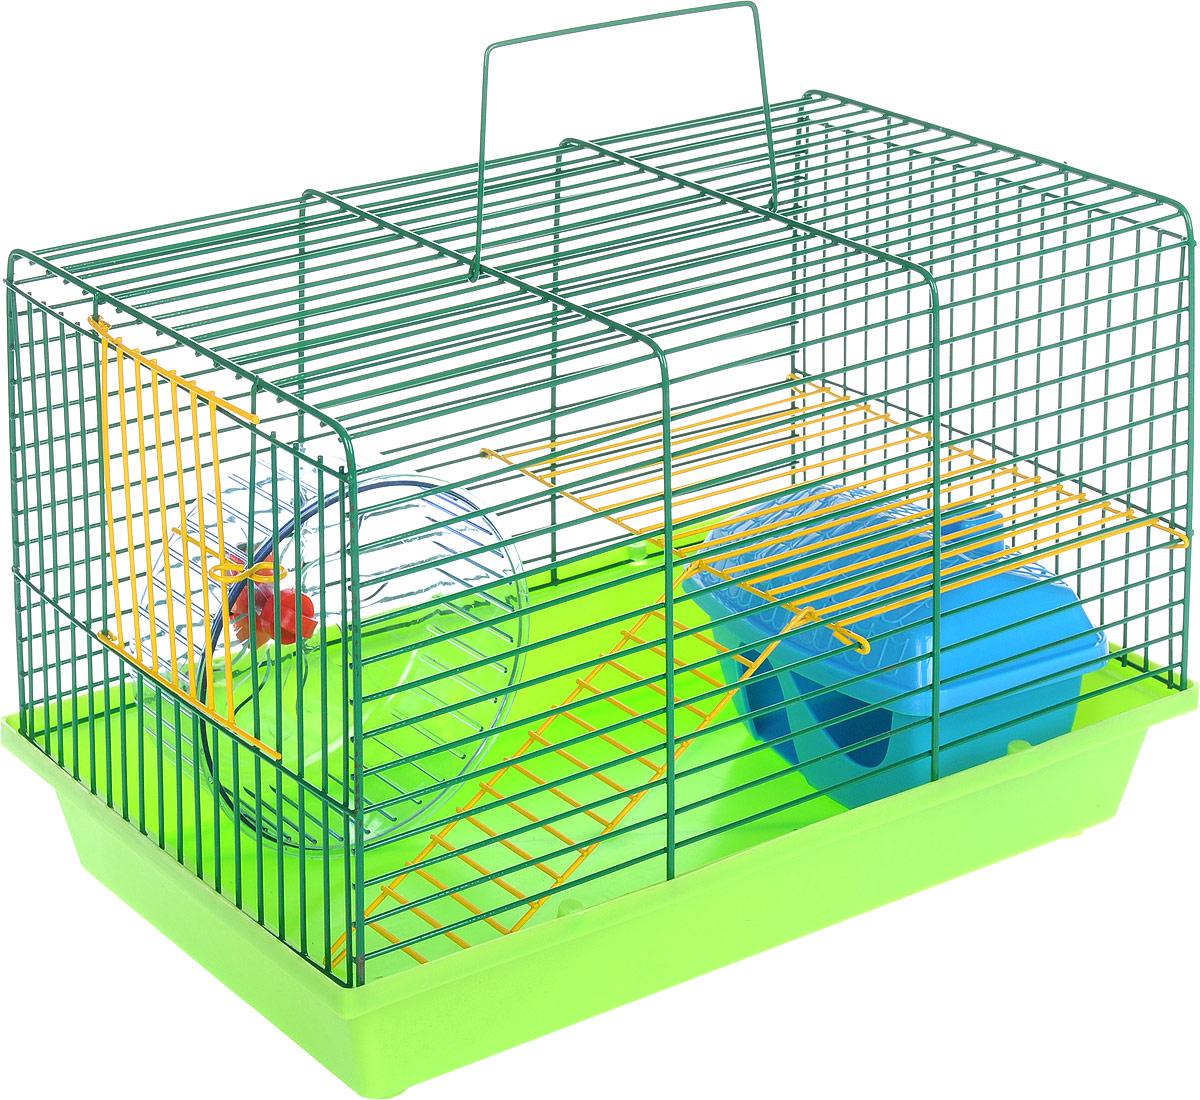 Клетка для грызунов  ЗооМарк , 2-этажная, цвет: салатовый поддон, зеленая решетка, 36 х 22 х 24 см - Клетки, вольеры, будки